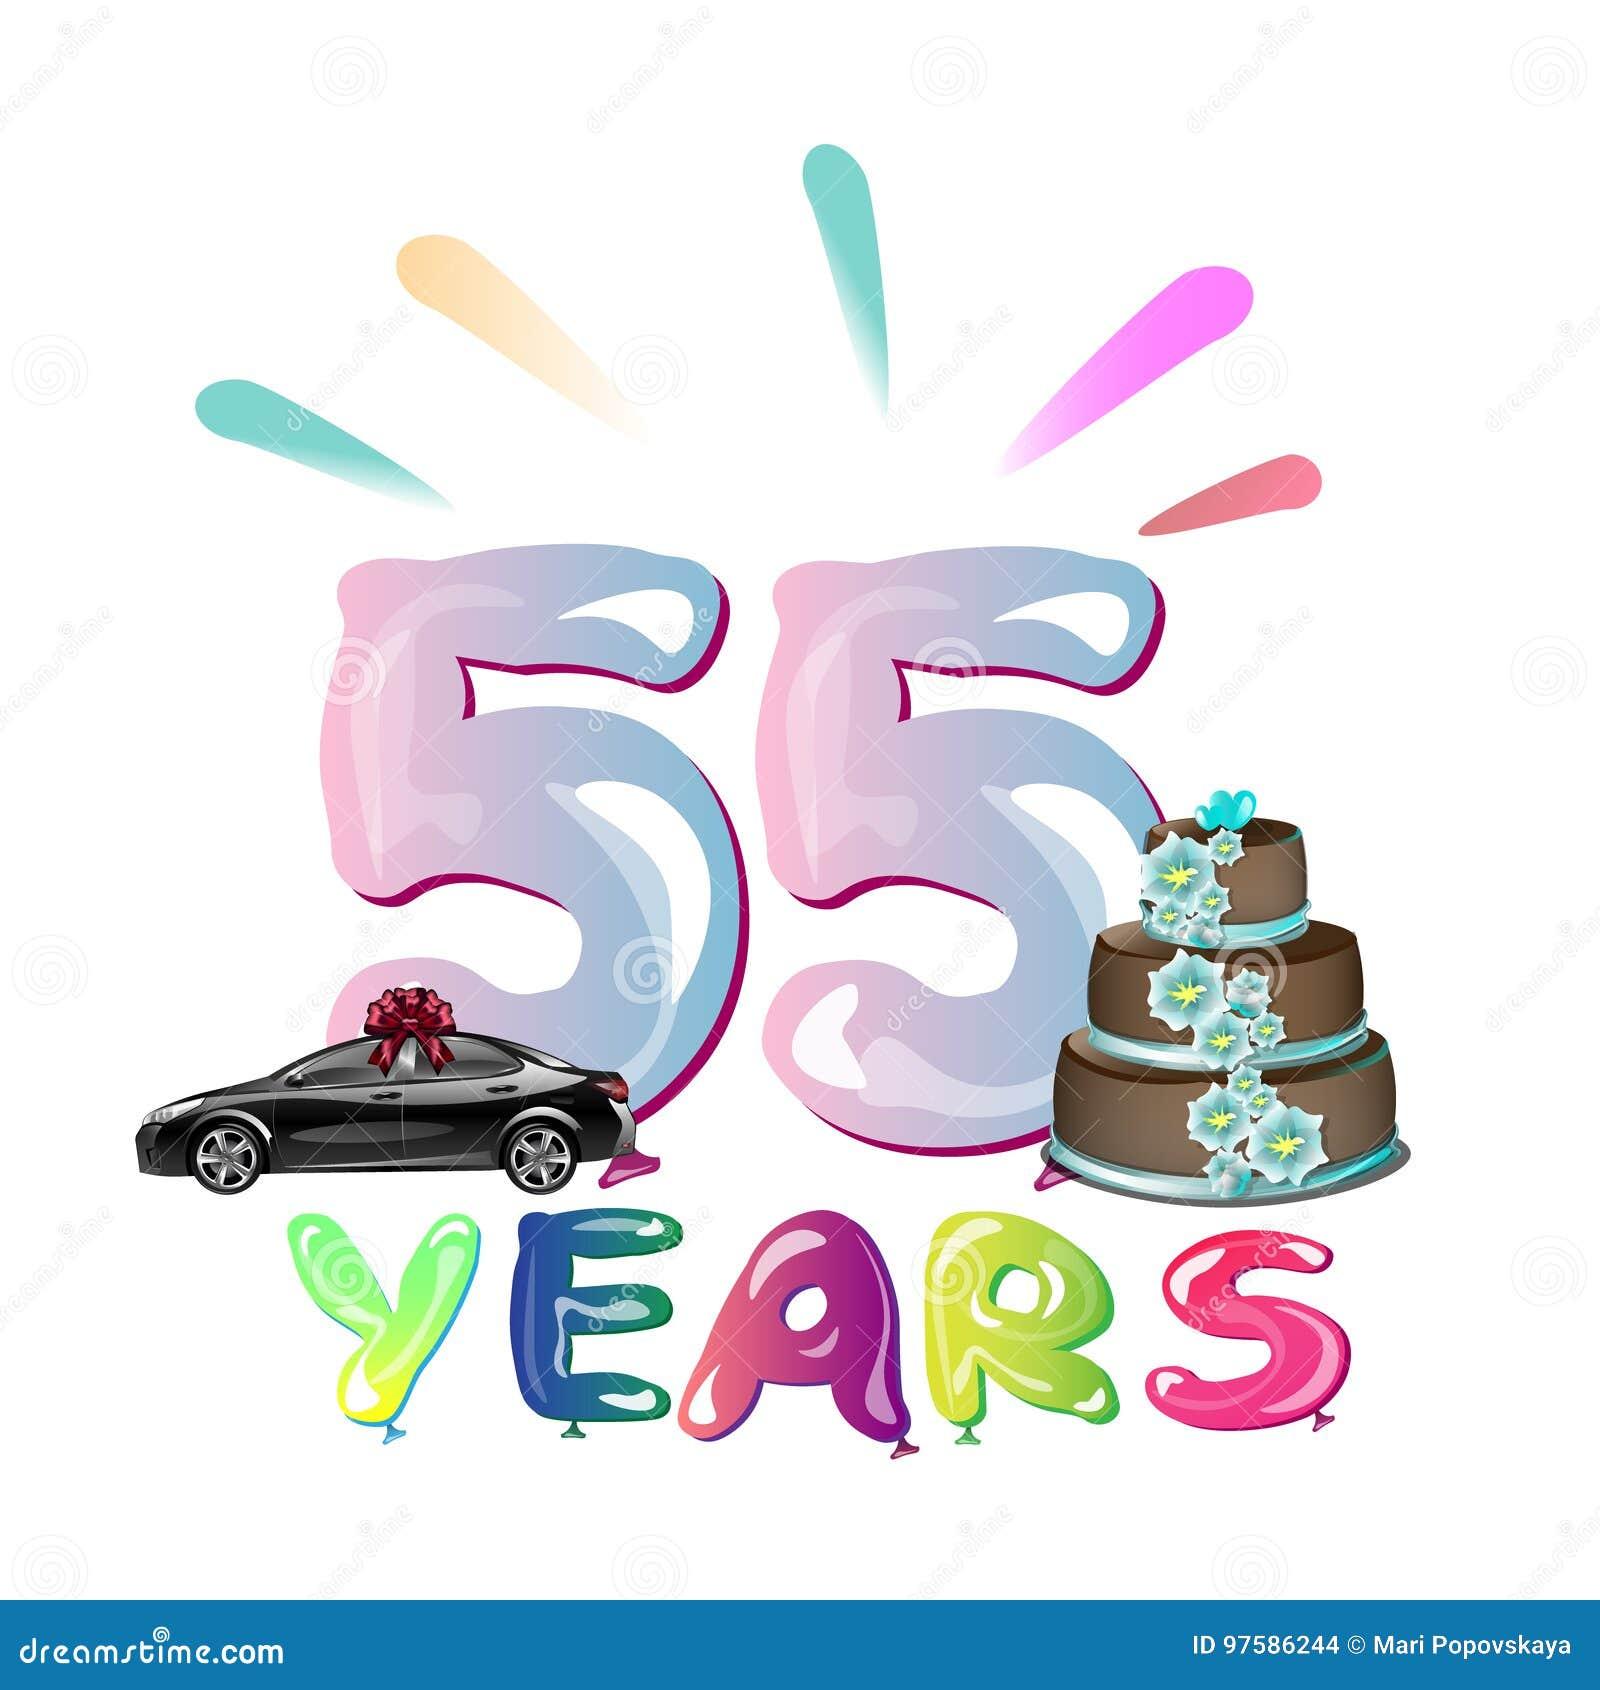 Auguri Buon Compleanno 55 Anni.Buon Compleanno Cinquantacinque 55 Anni Illustrazione